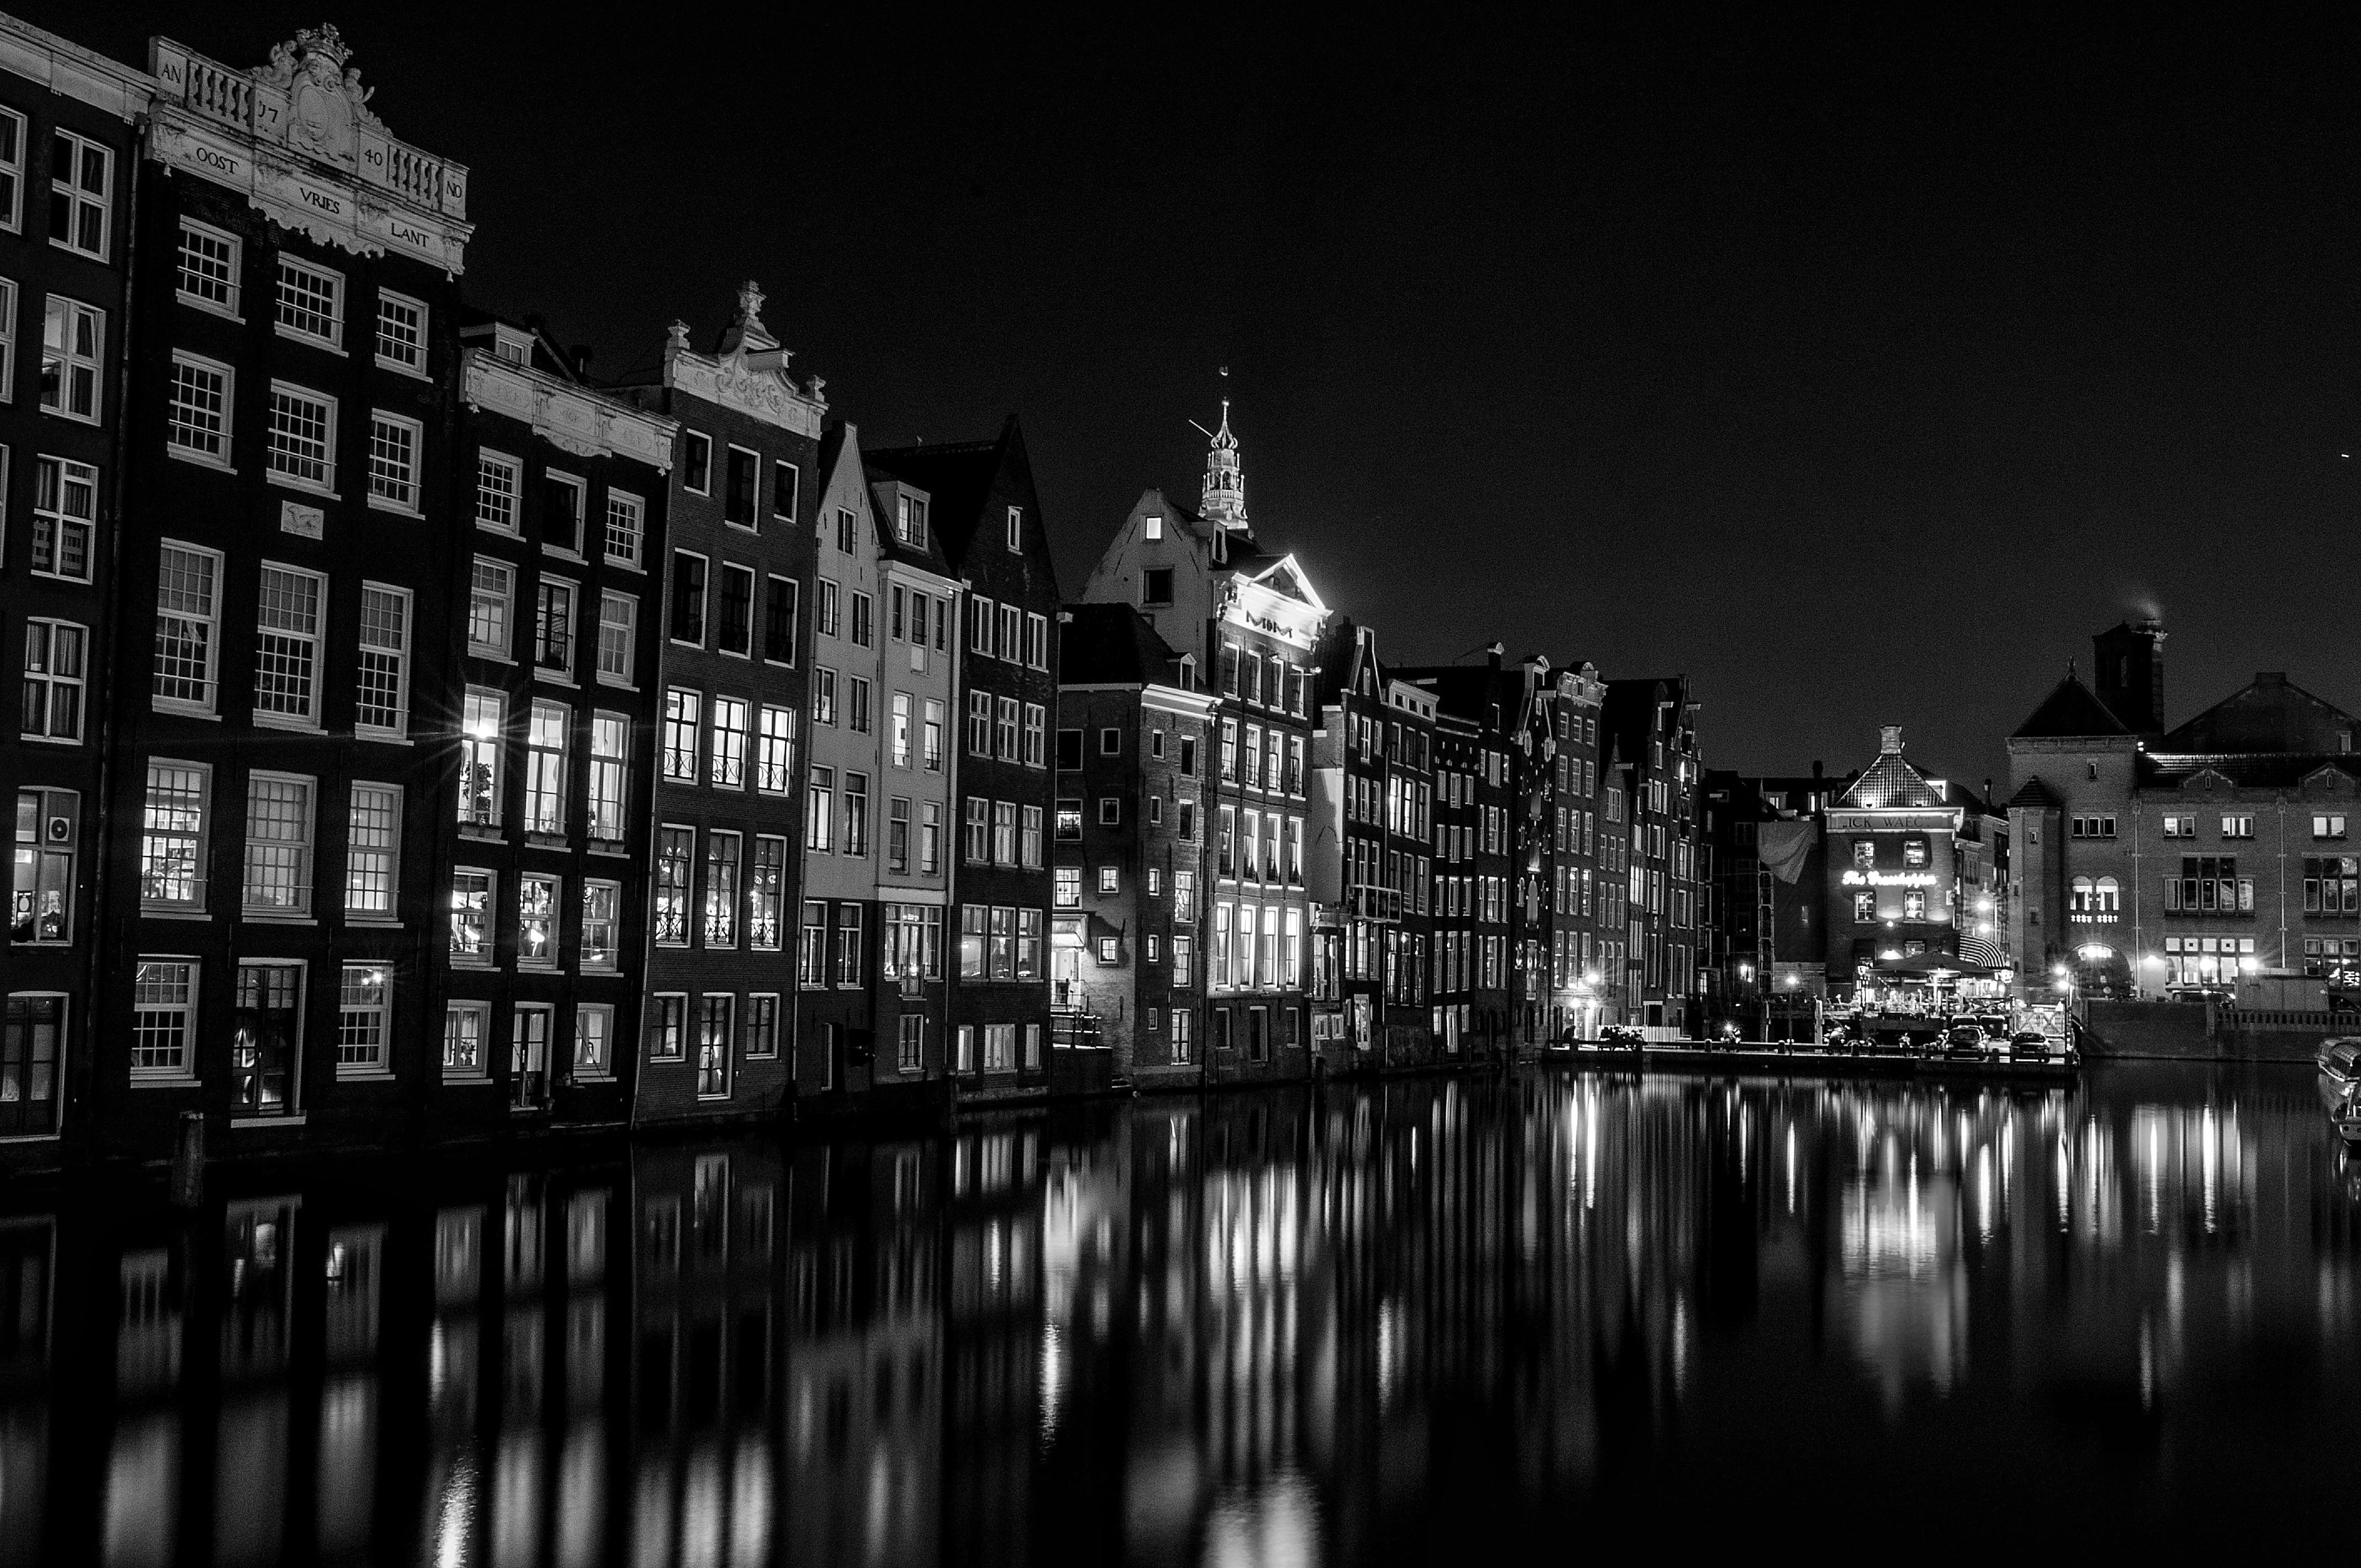 монохромные фото города внимание сорт